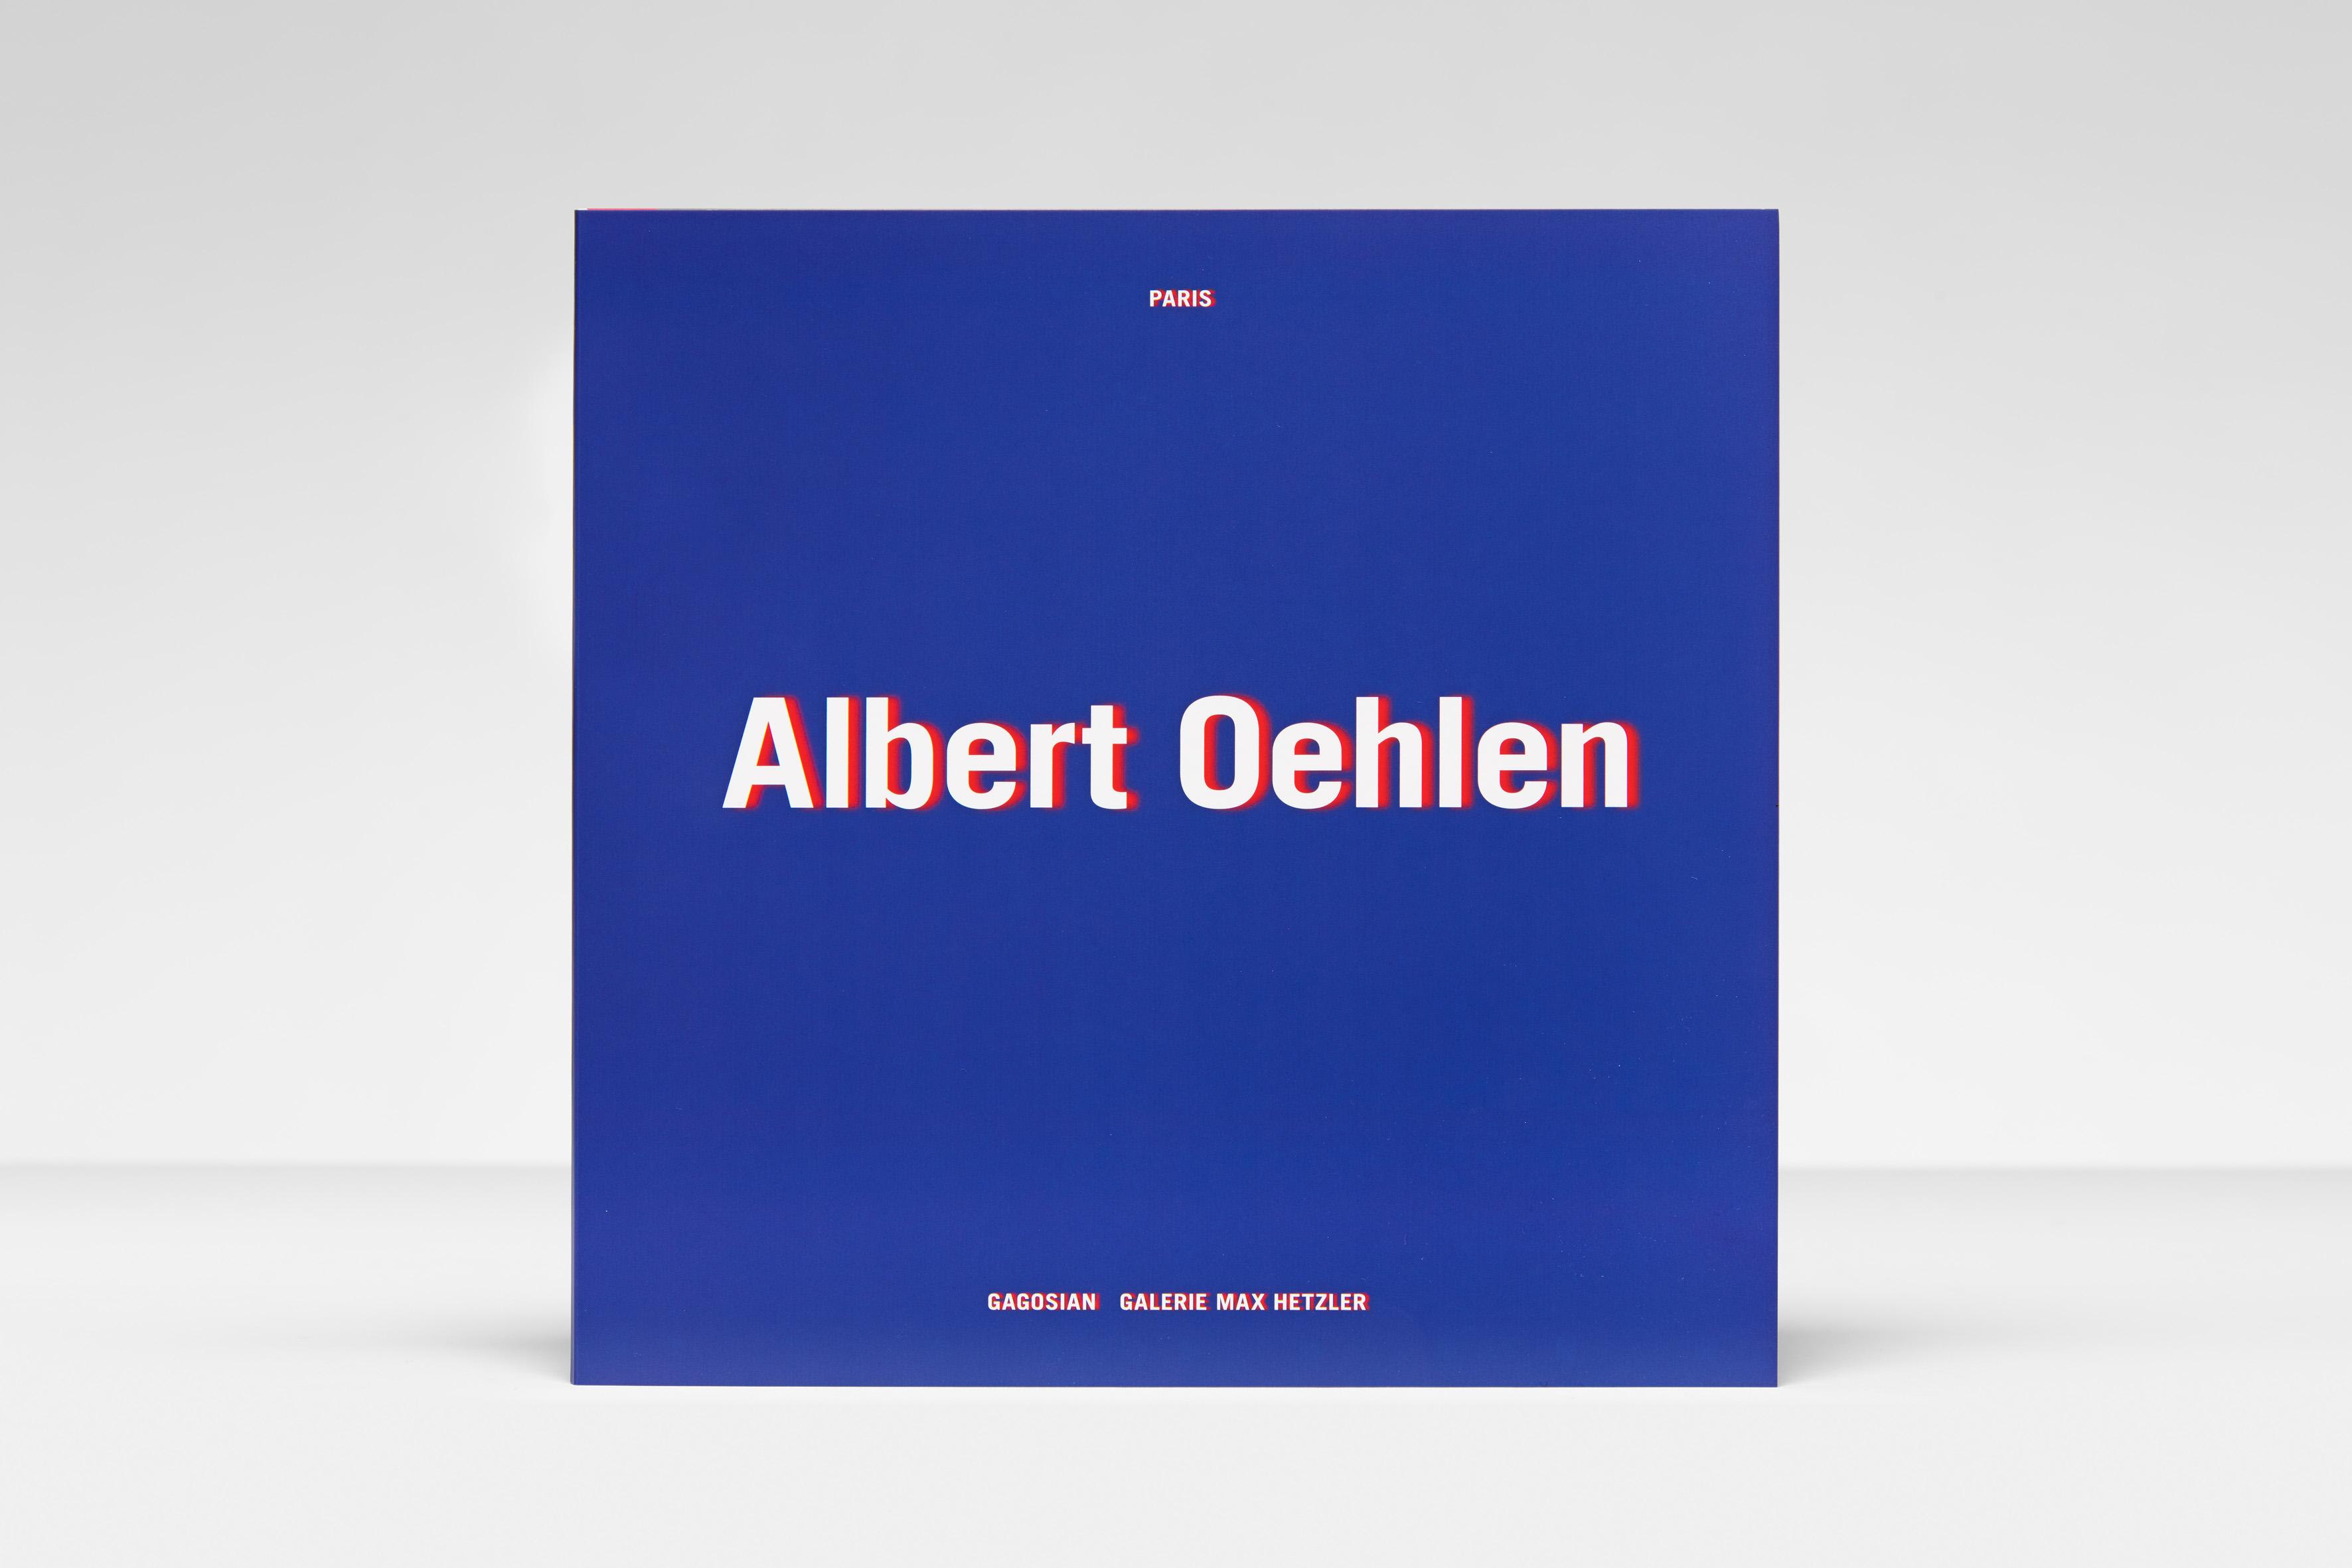 Albert Oehlen: Sexe, Religion, Politique - Galerie Max Hetzler